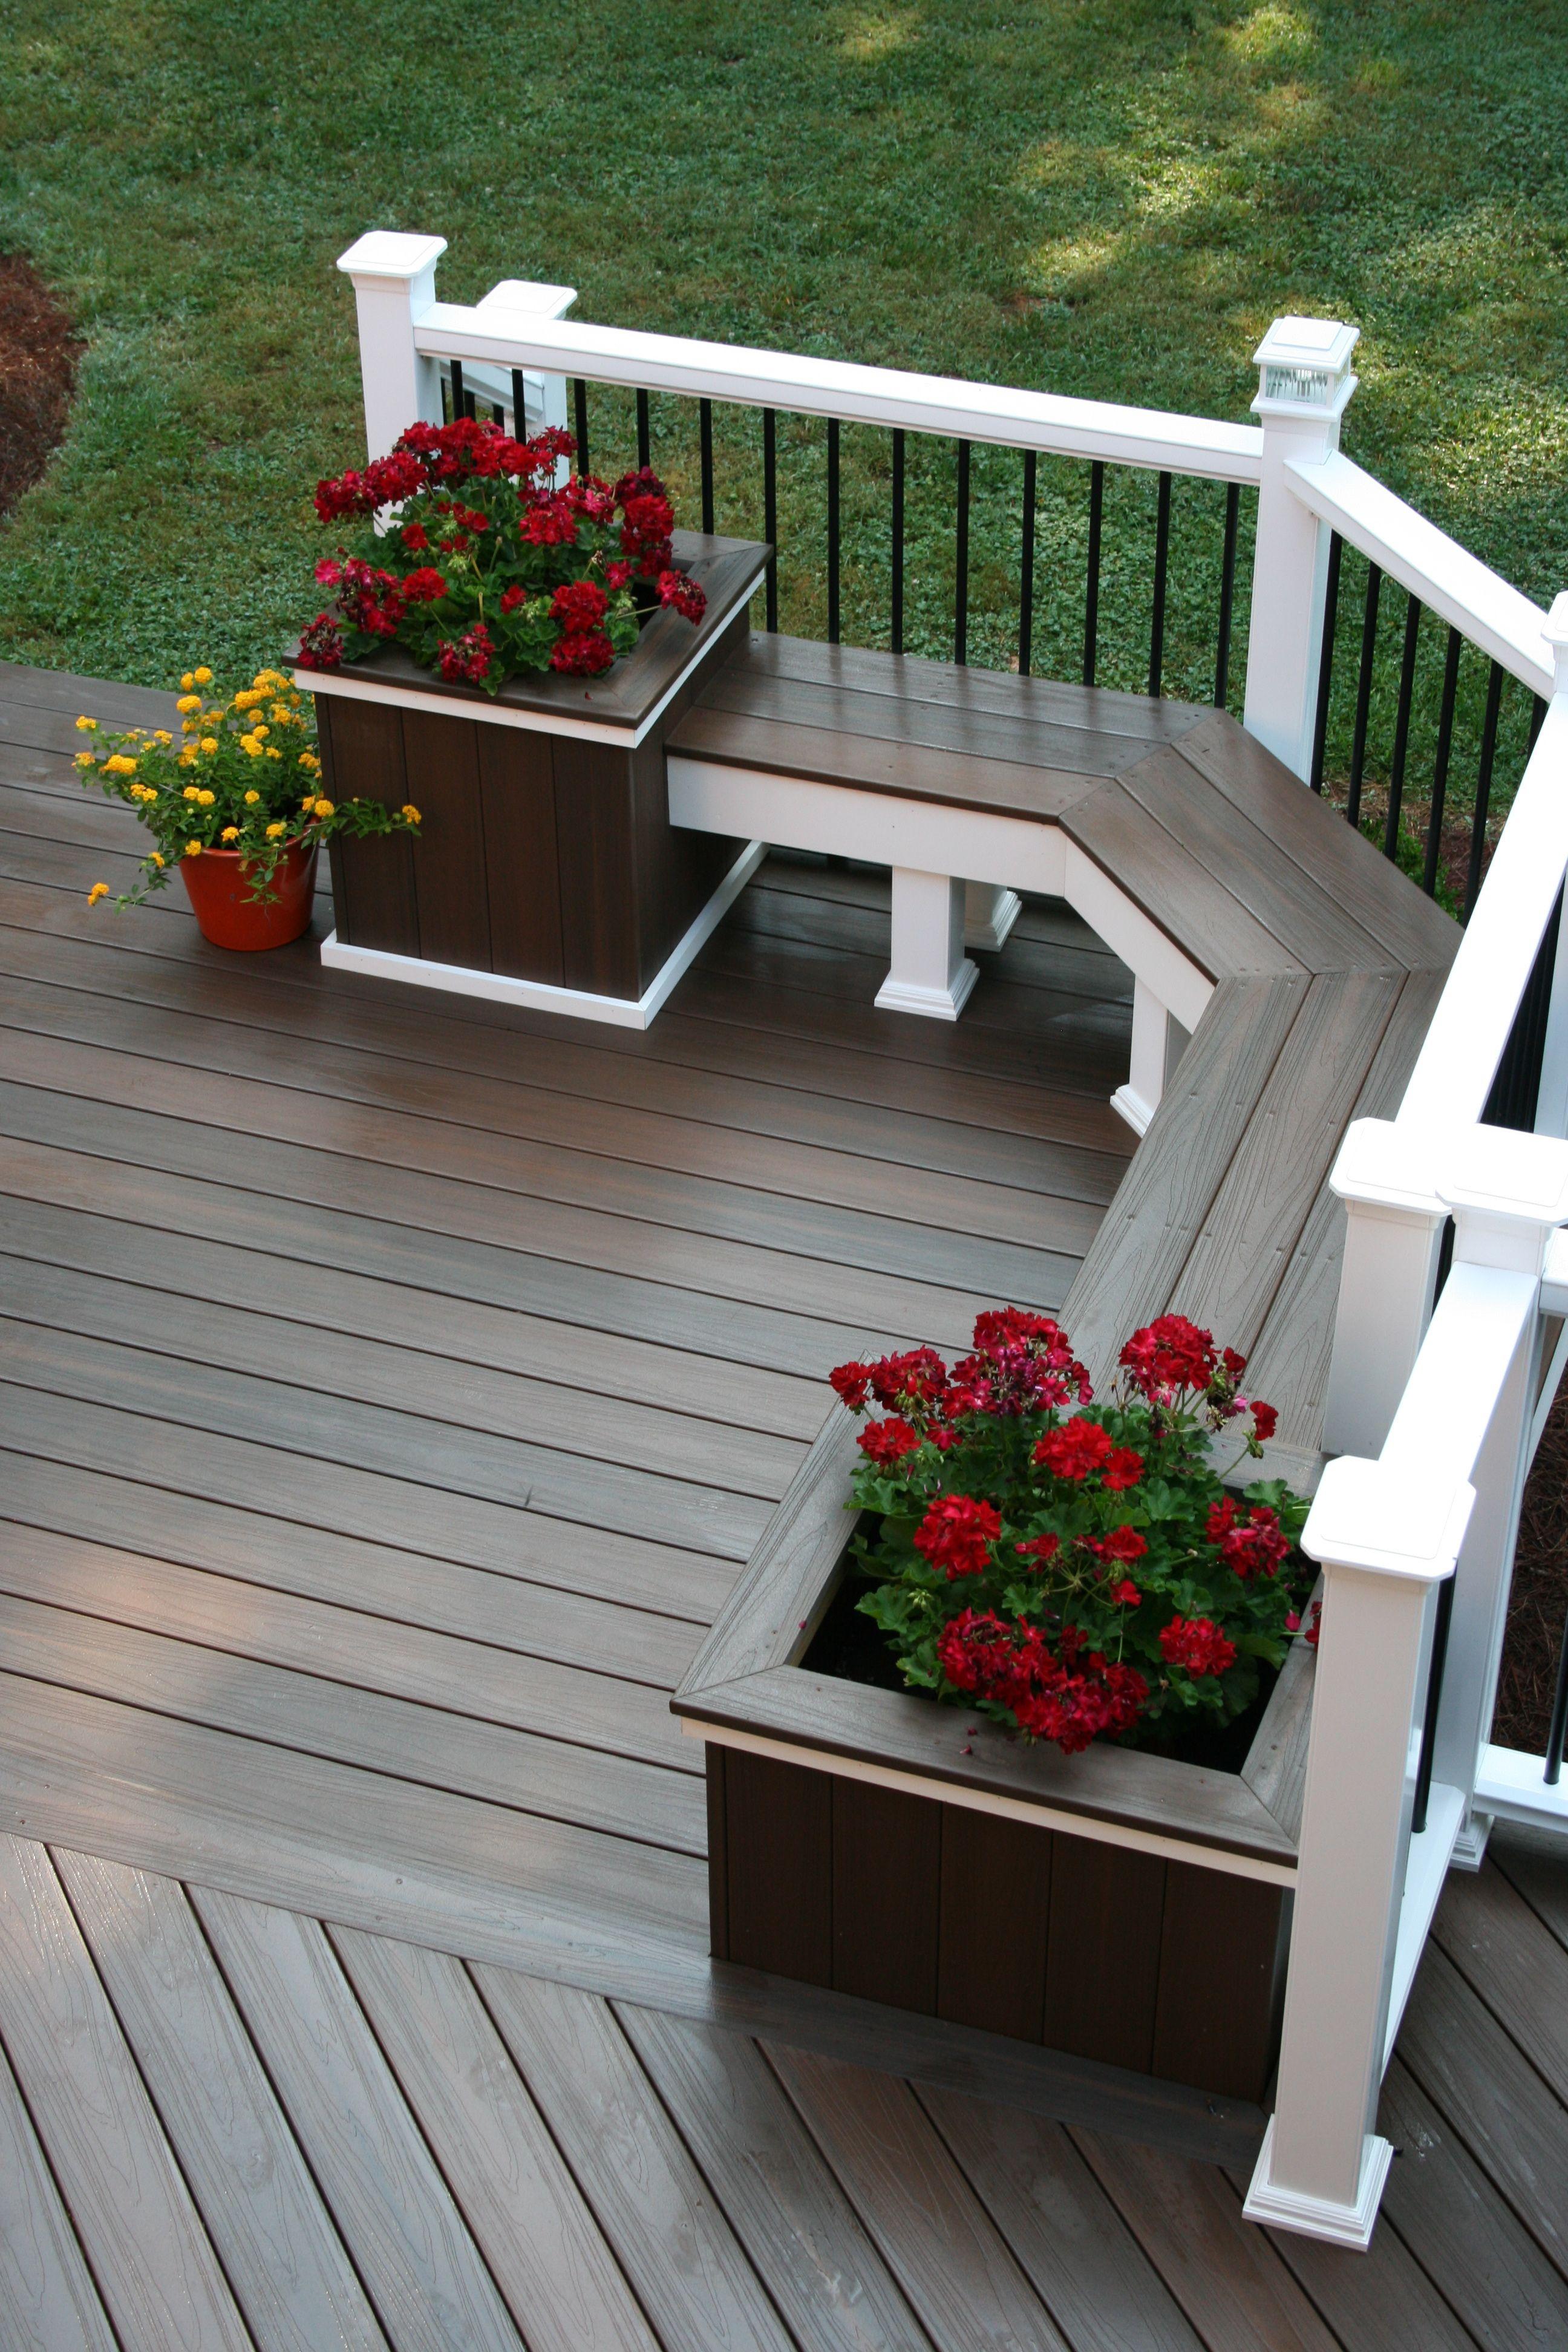 Deck Ideas LOVE this idea Deck Ideas